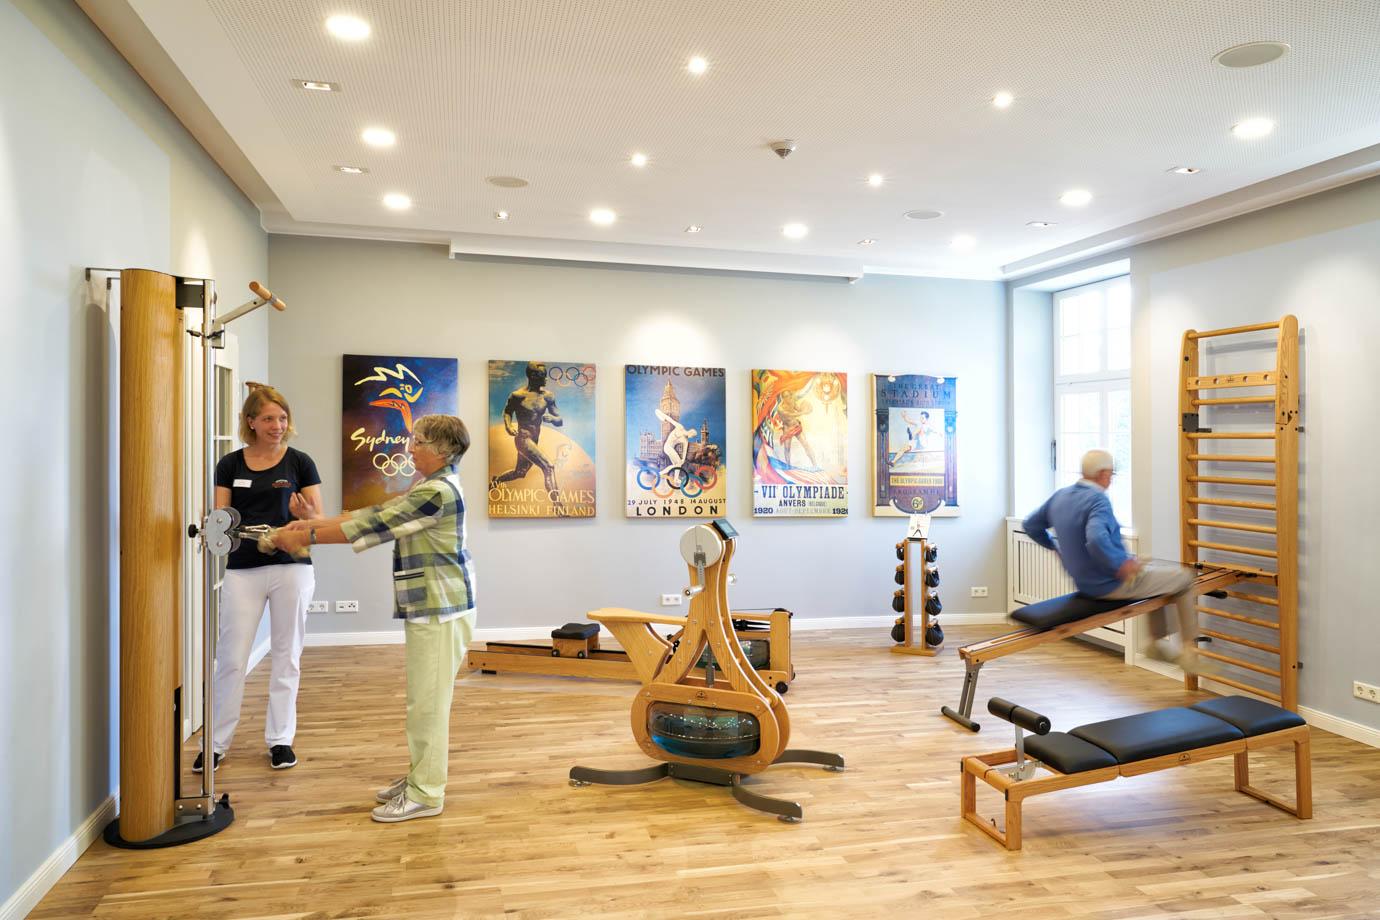 Der Sportsaal bietet viele Trainingsmöglichkeiten